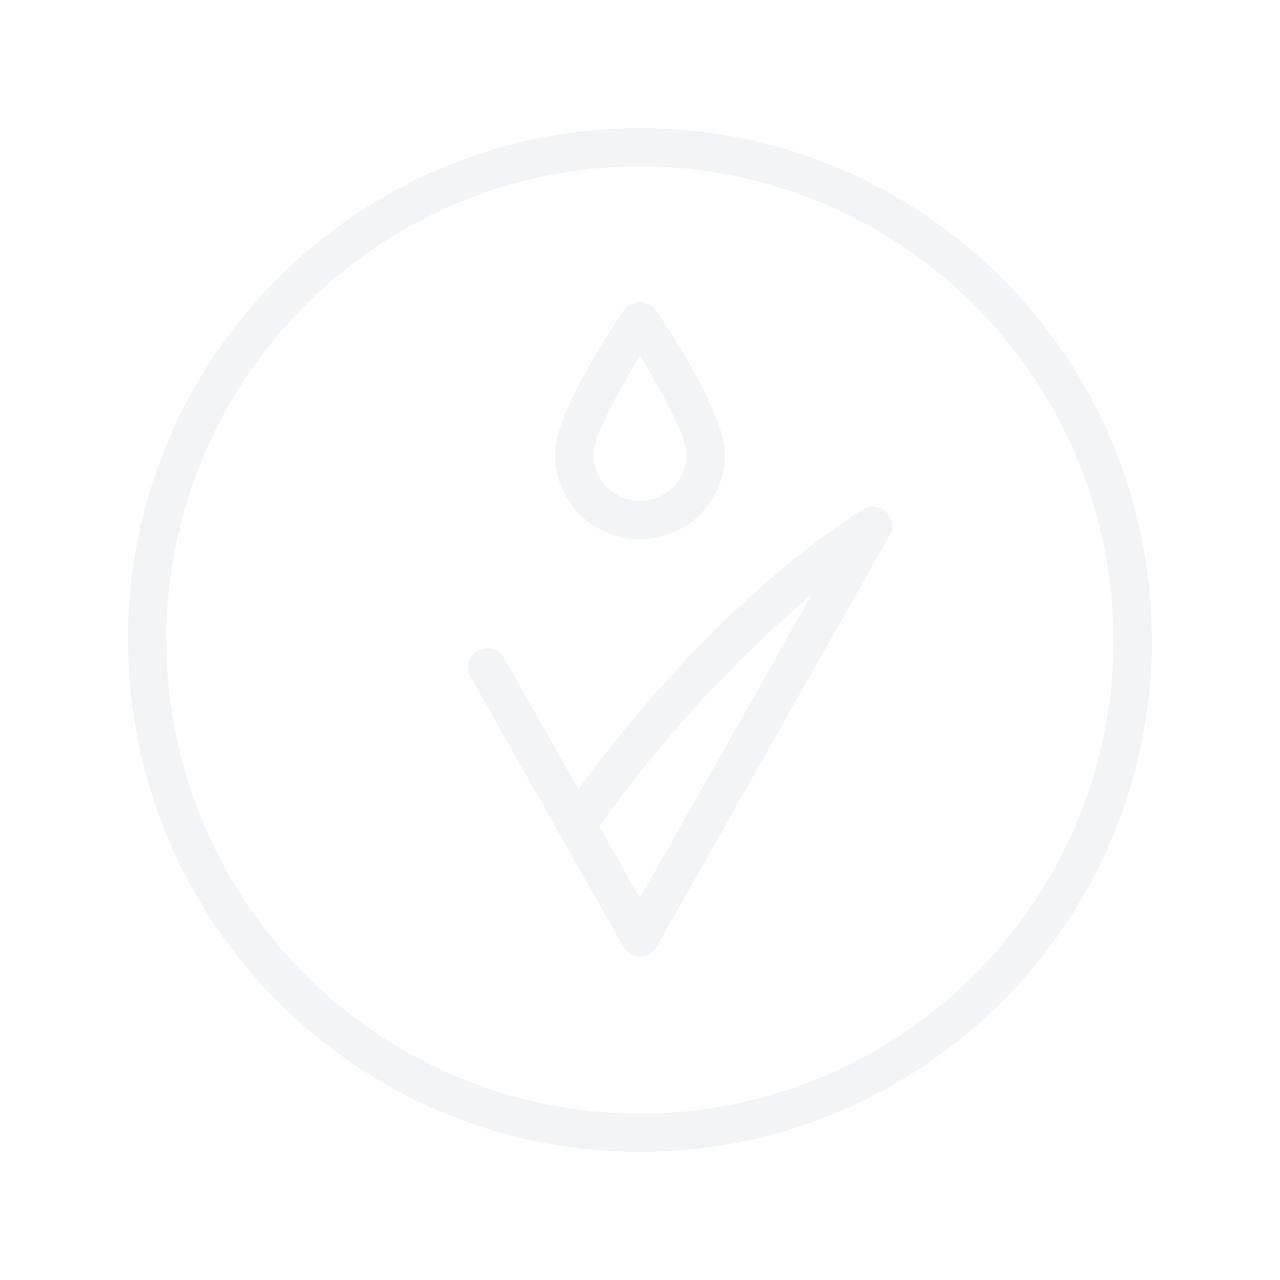 Sleek Makeup Brow Kit No.817 Light 3.8g